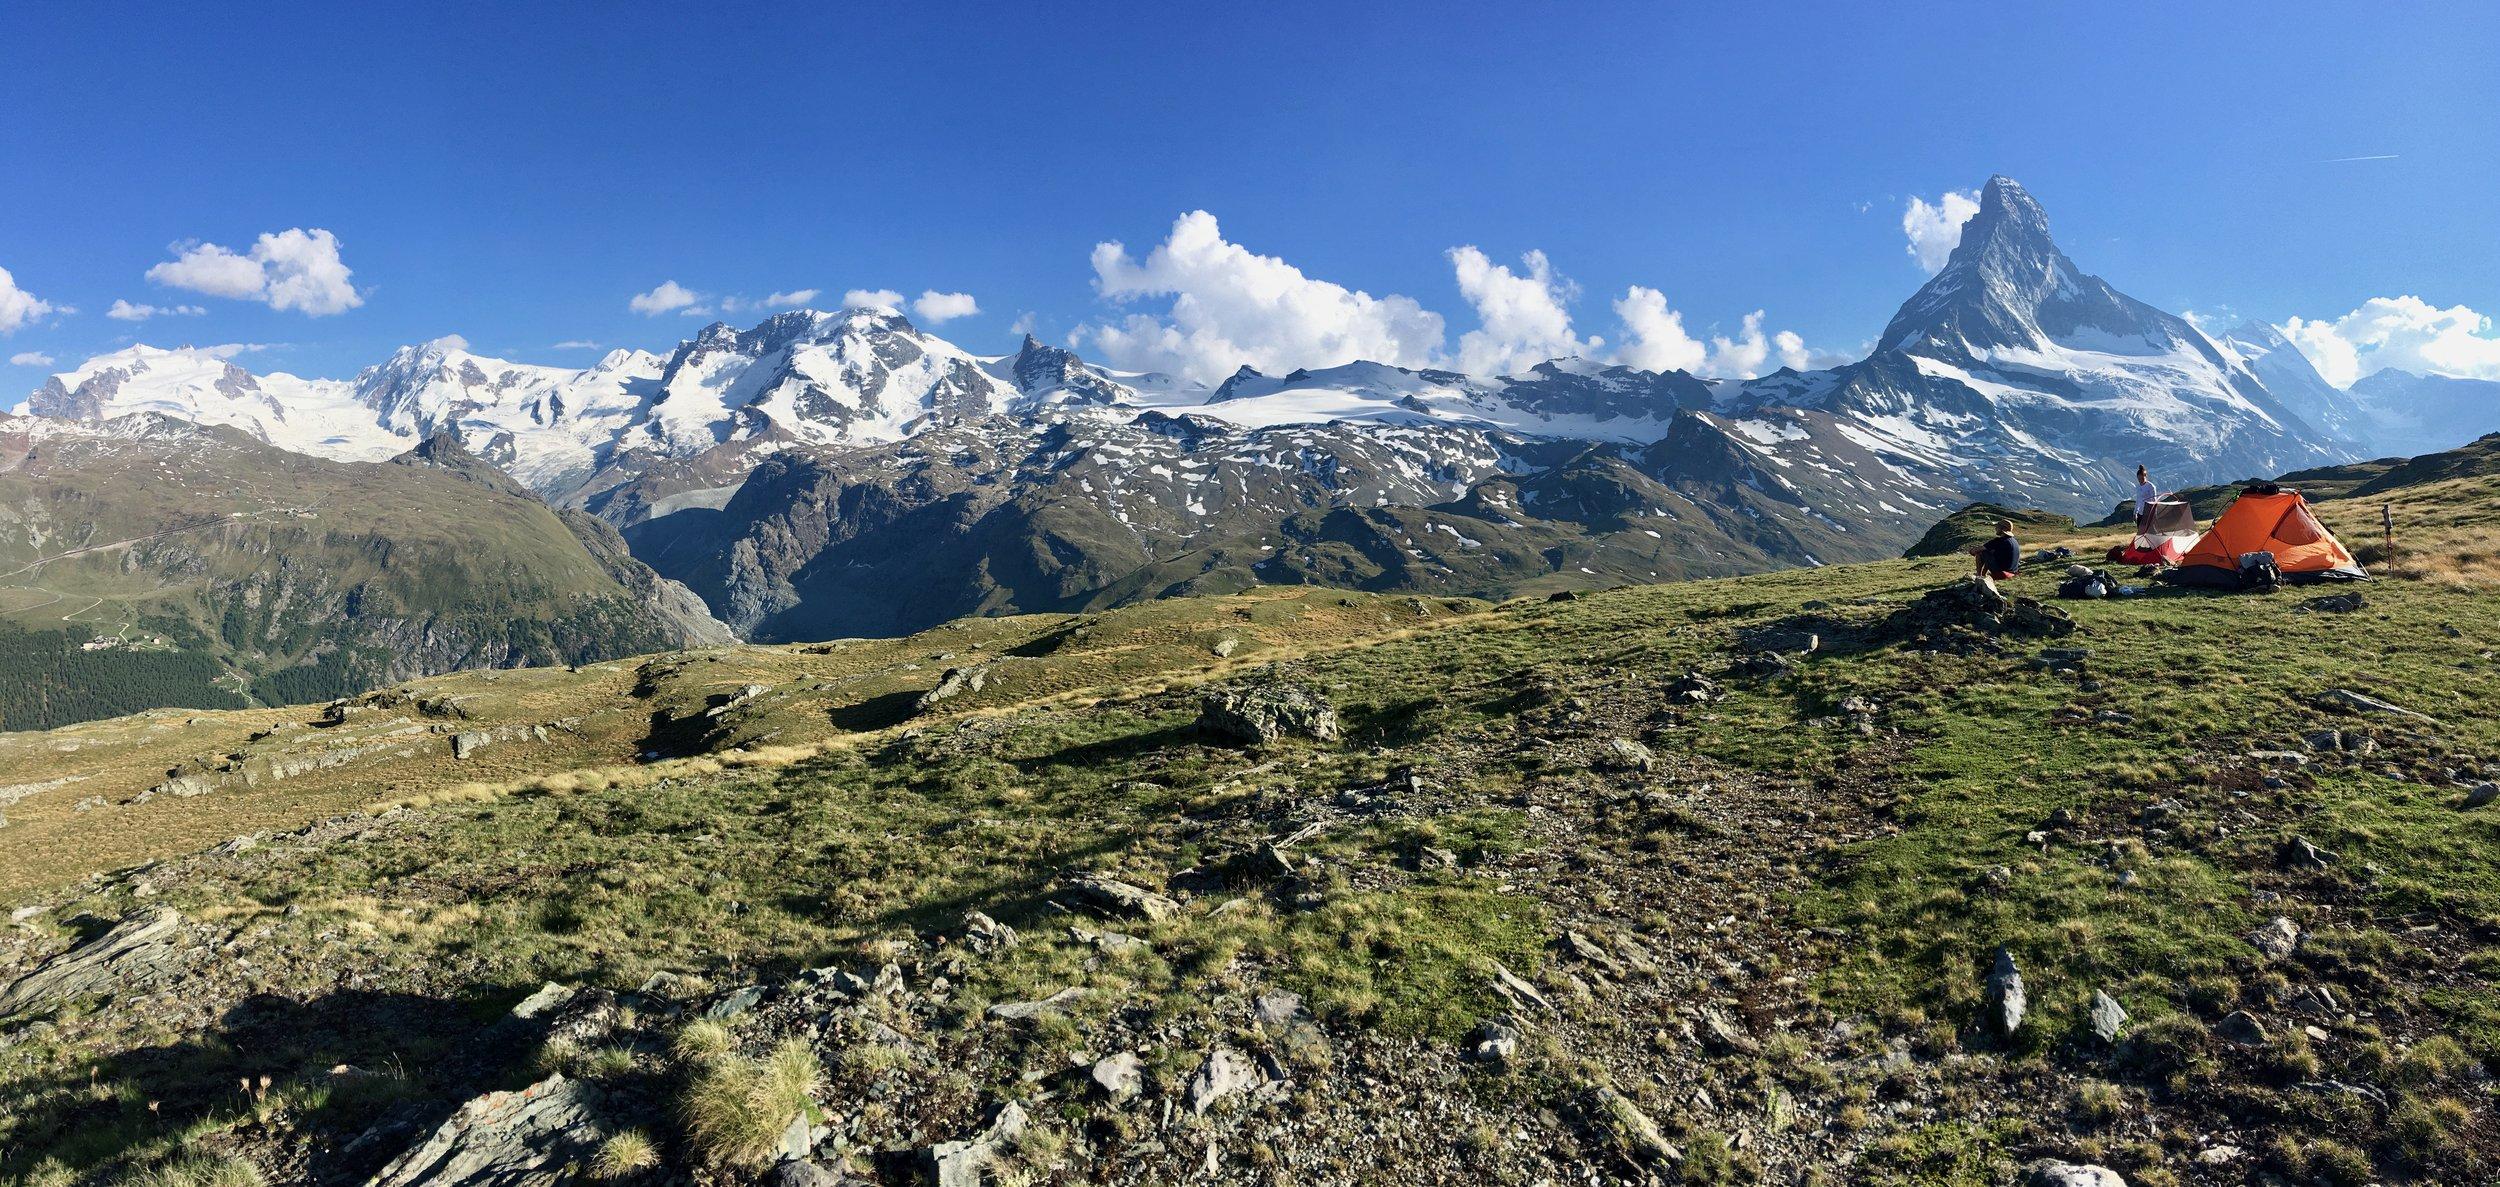 Solstice- Zermatt, Switzerland